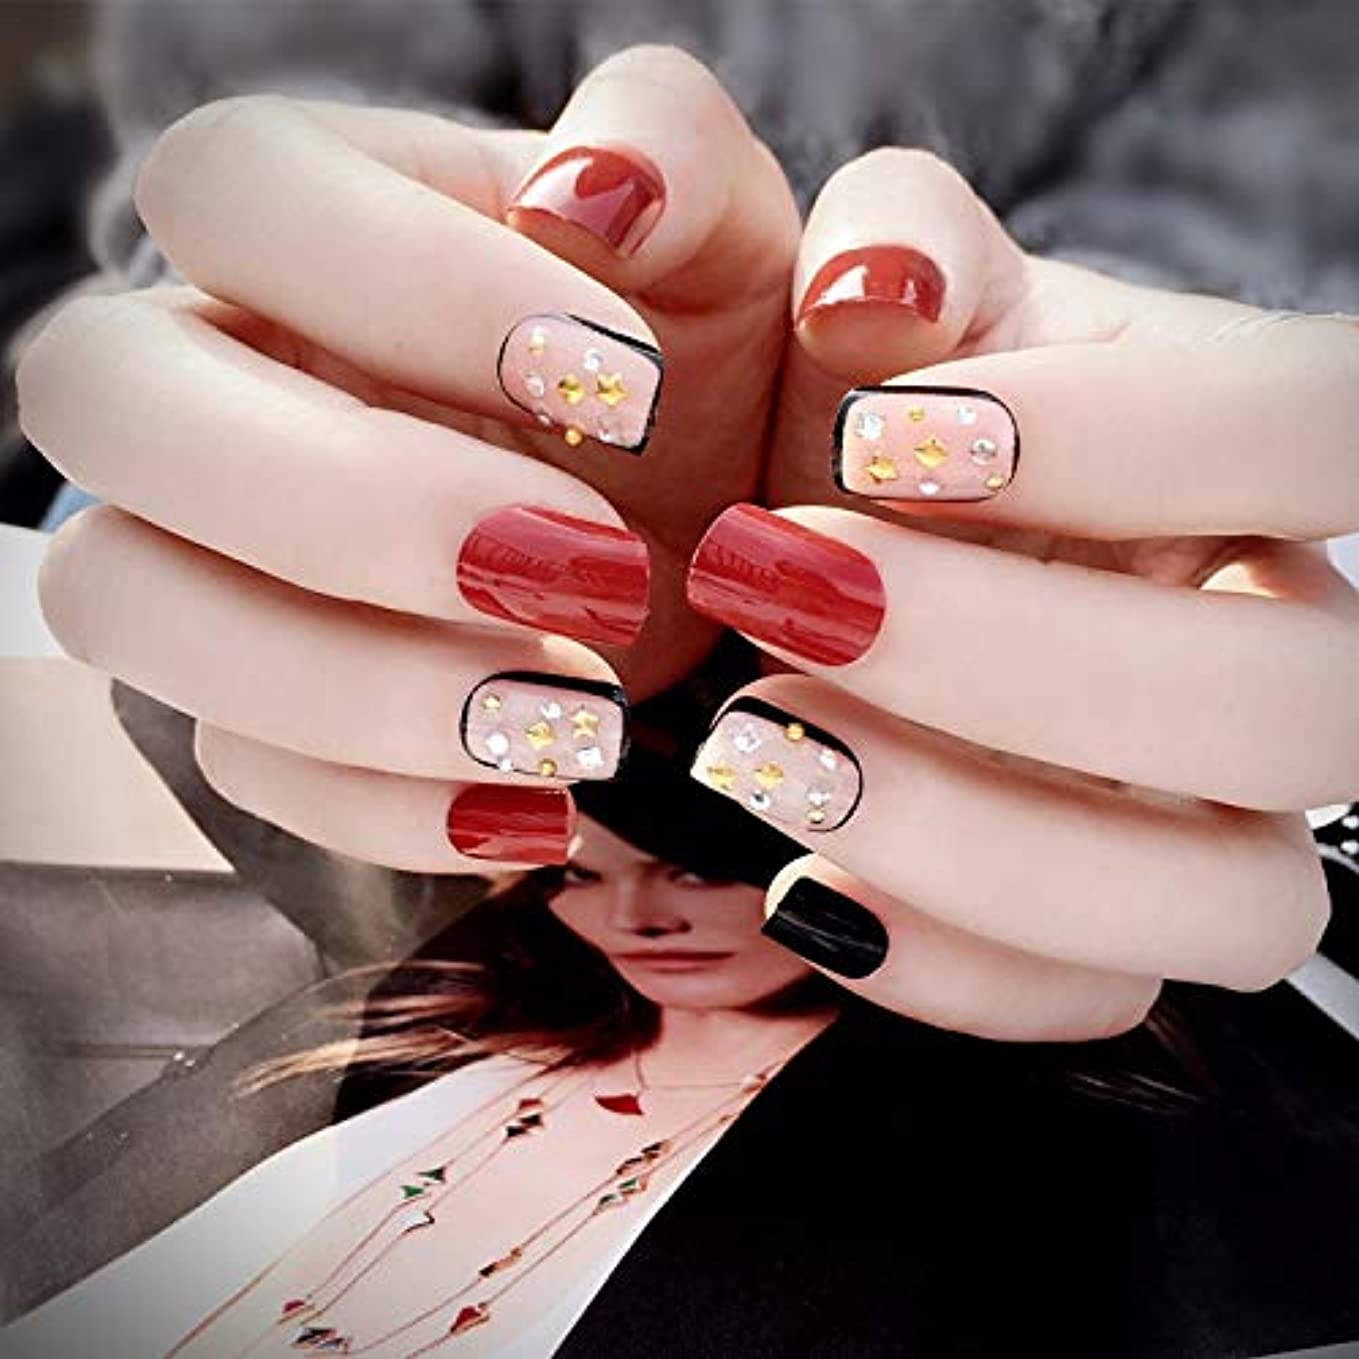 中国混合機構VALEN Nail Patch 3D ネイルチップ 綺麗な飾り付け 24枚入 原宿 和風 夢幻 和装 手作りネイルチップ 結婚式ネイルチッ プ 赤